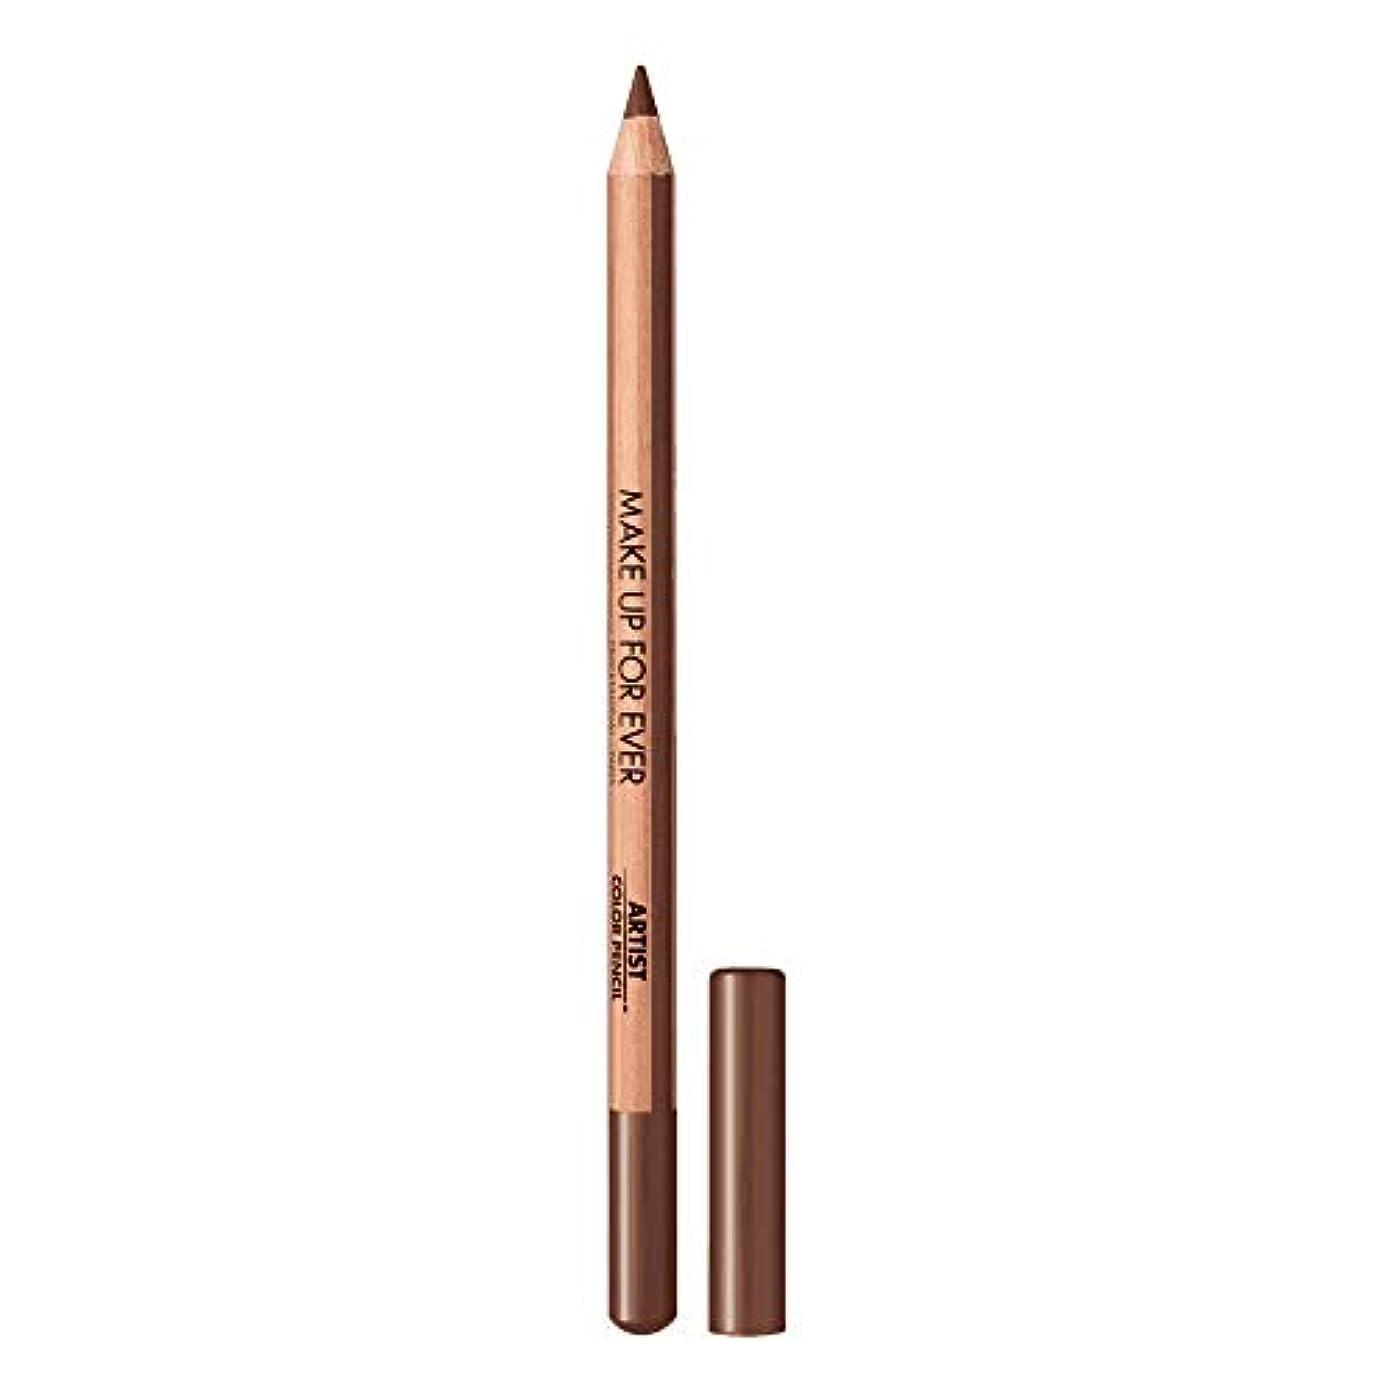 奨学金あいまいな兵器庫メイクアップフォーエバー Artist Color Pencil - # 608 Limitless Brown 1.41g/0.04oz並行輸入品